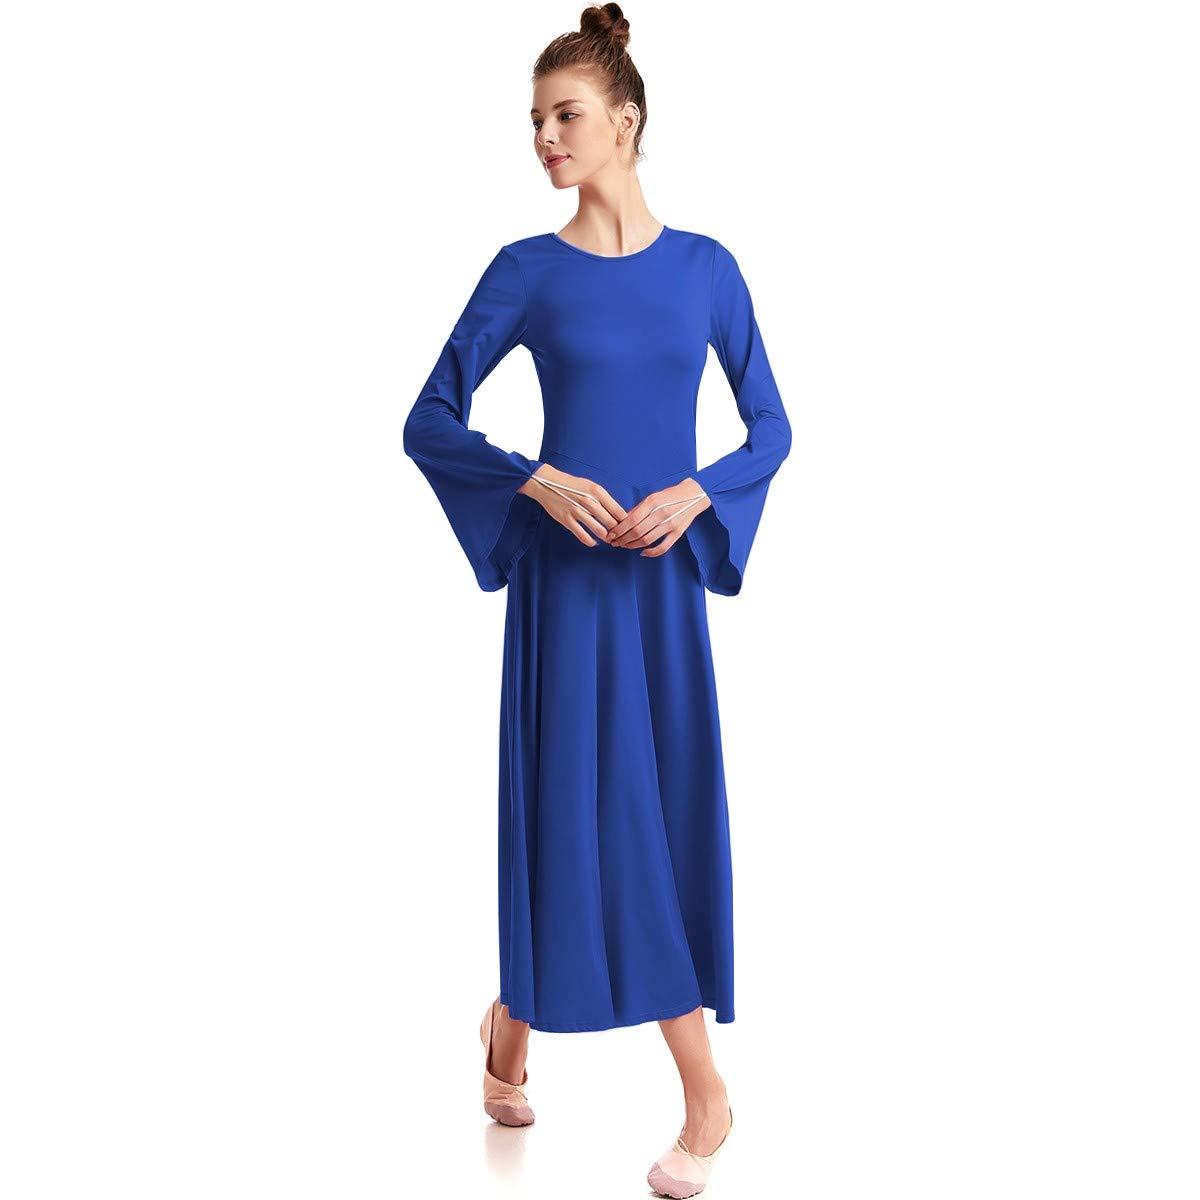 Amazon.com: MYRISAM - Alabado vestido de baile para mujer de ...